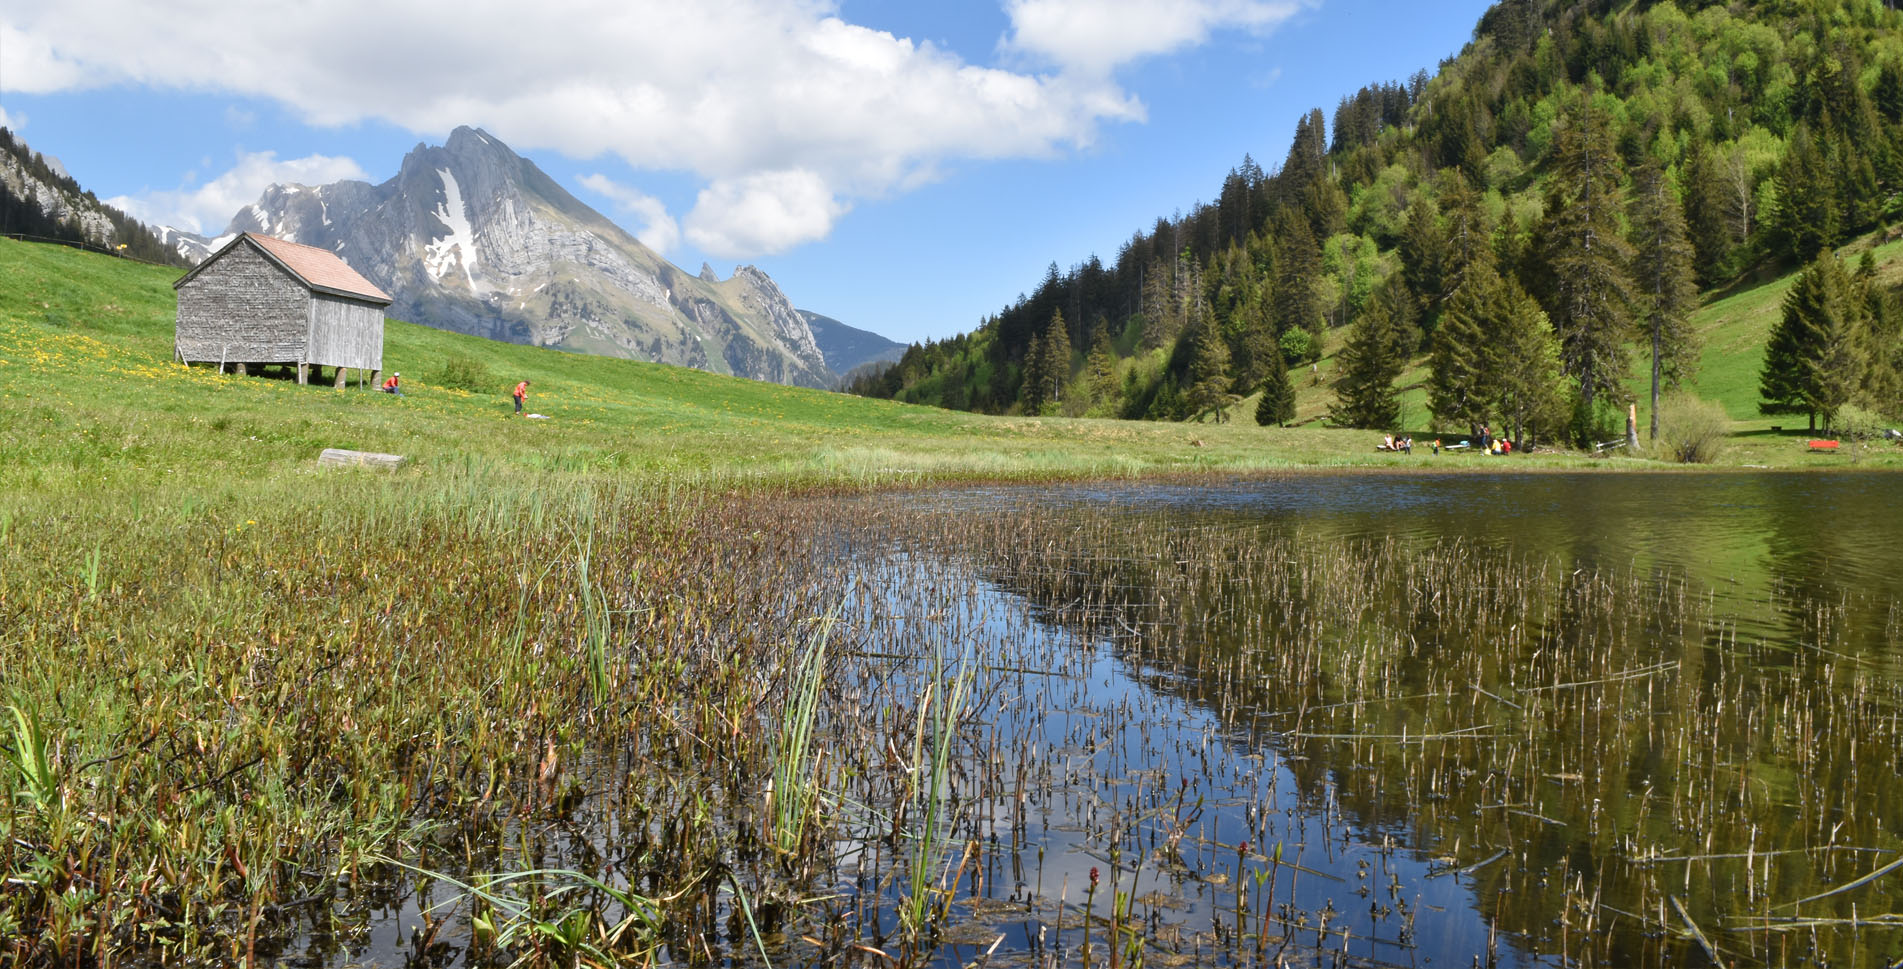 Wanderung von Unterwasser im Toggenburg via Thurwasserfälle / Thurfälle, Gräppelensee nach Alt St. Johann